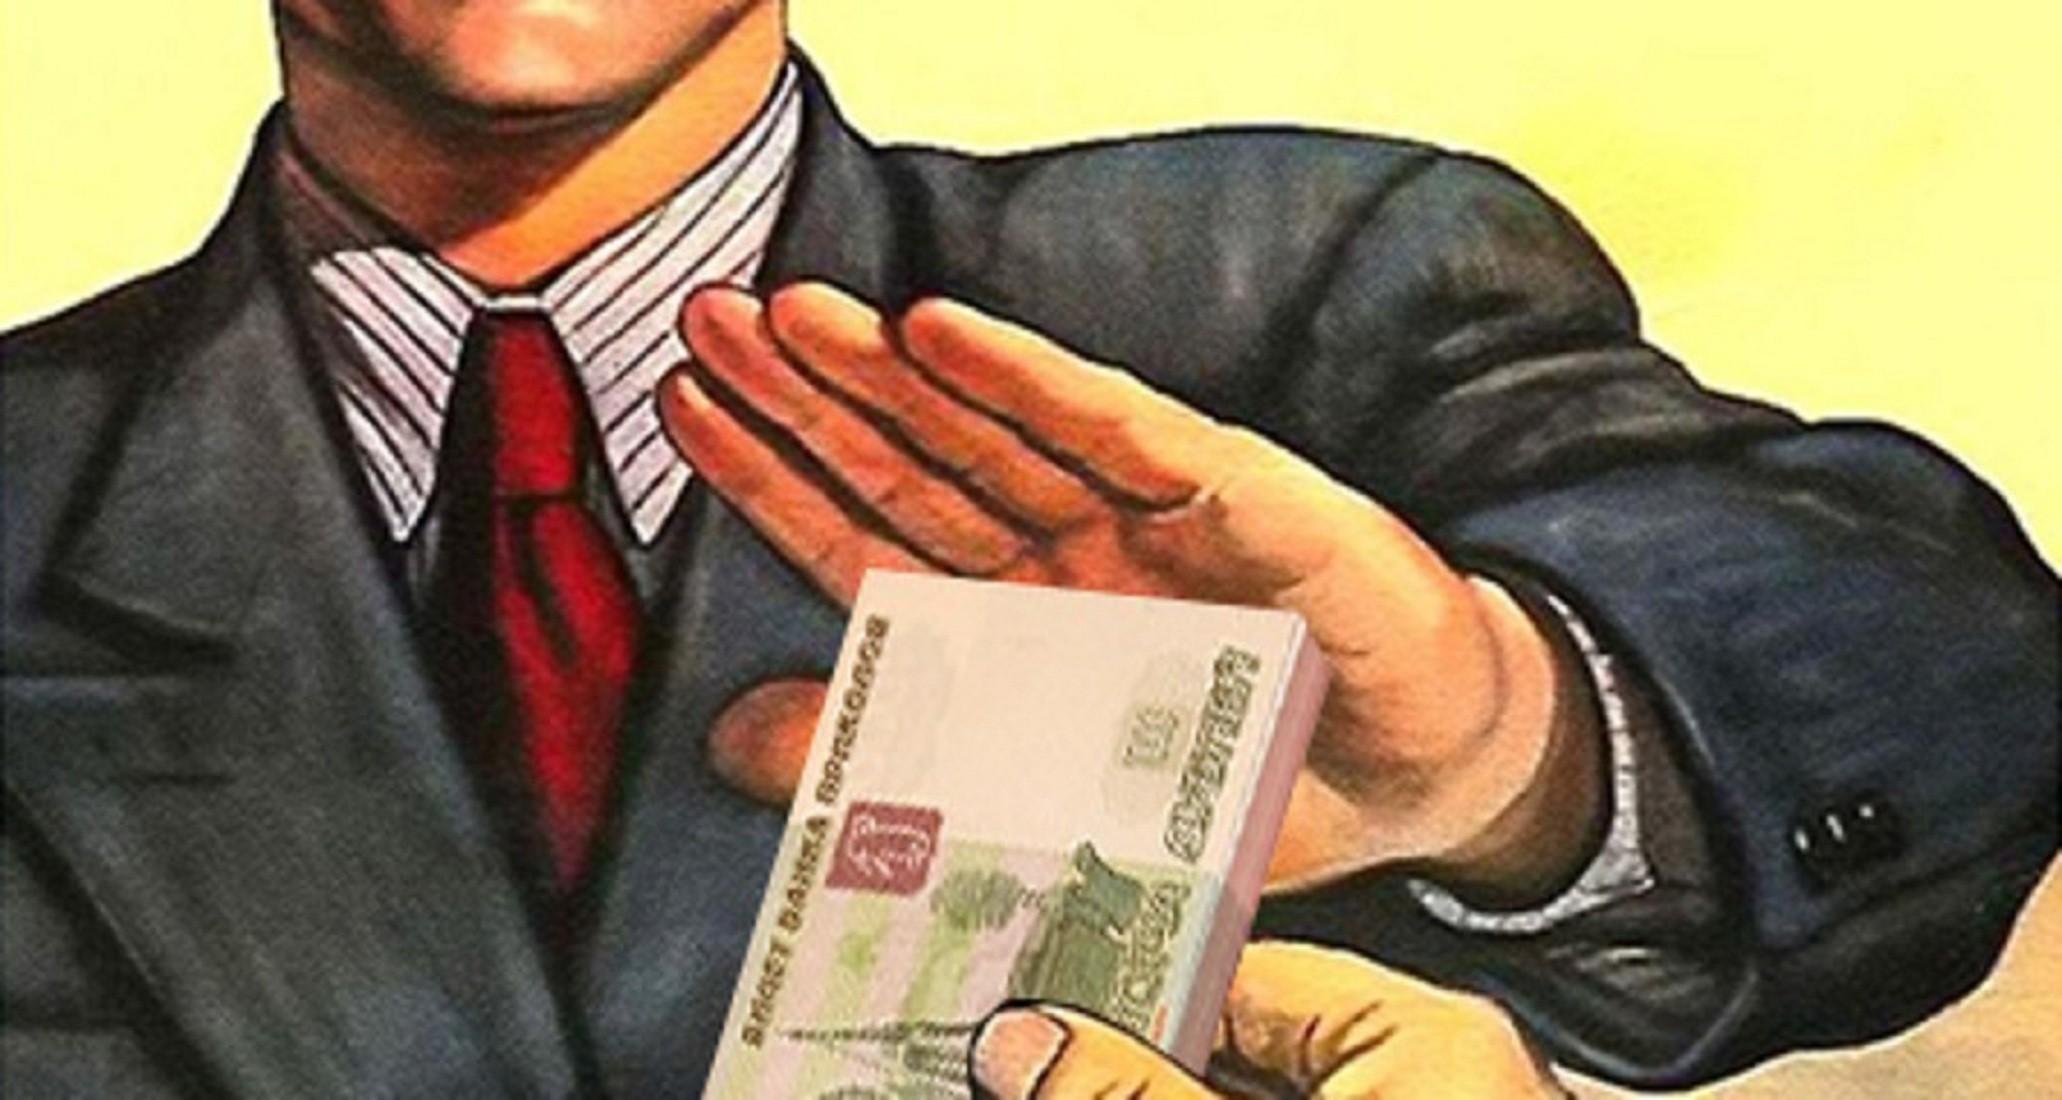 Продавщица из Западной Двины осуждена за покушение на дачу взятки - новости Афанасий